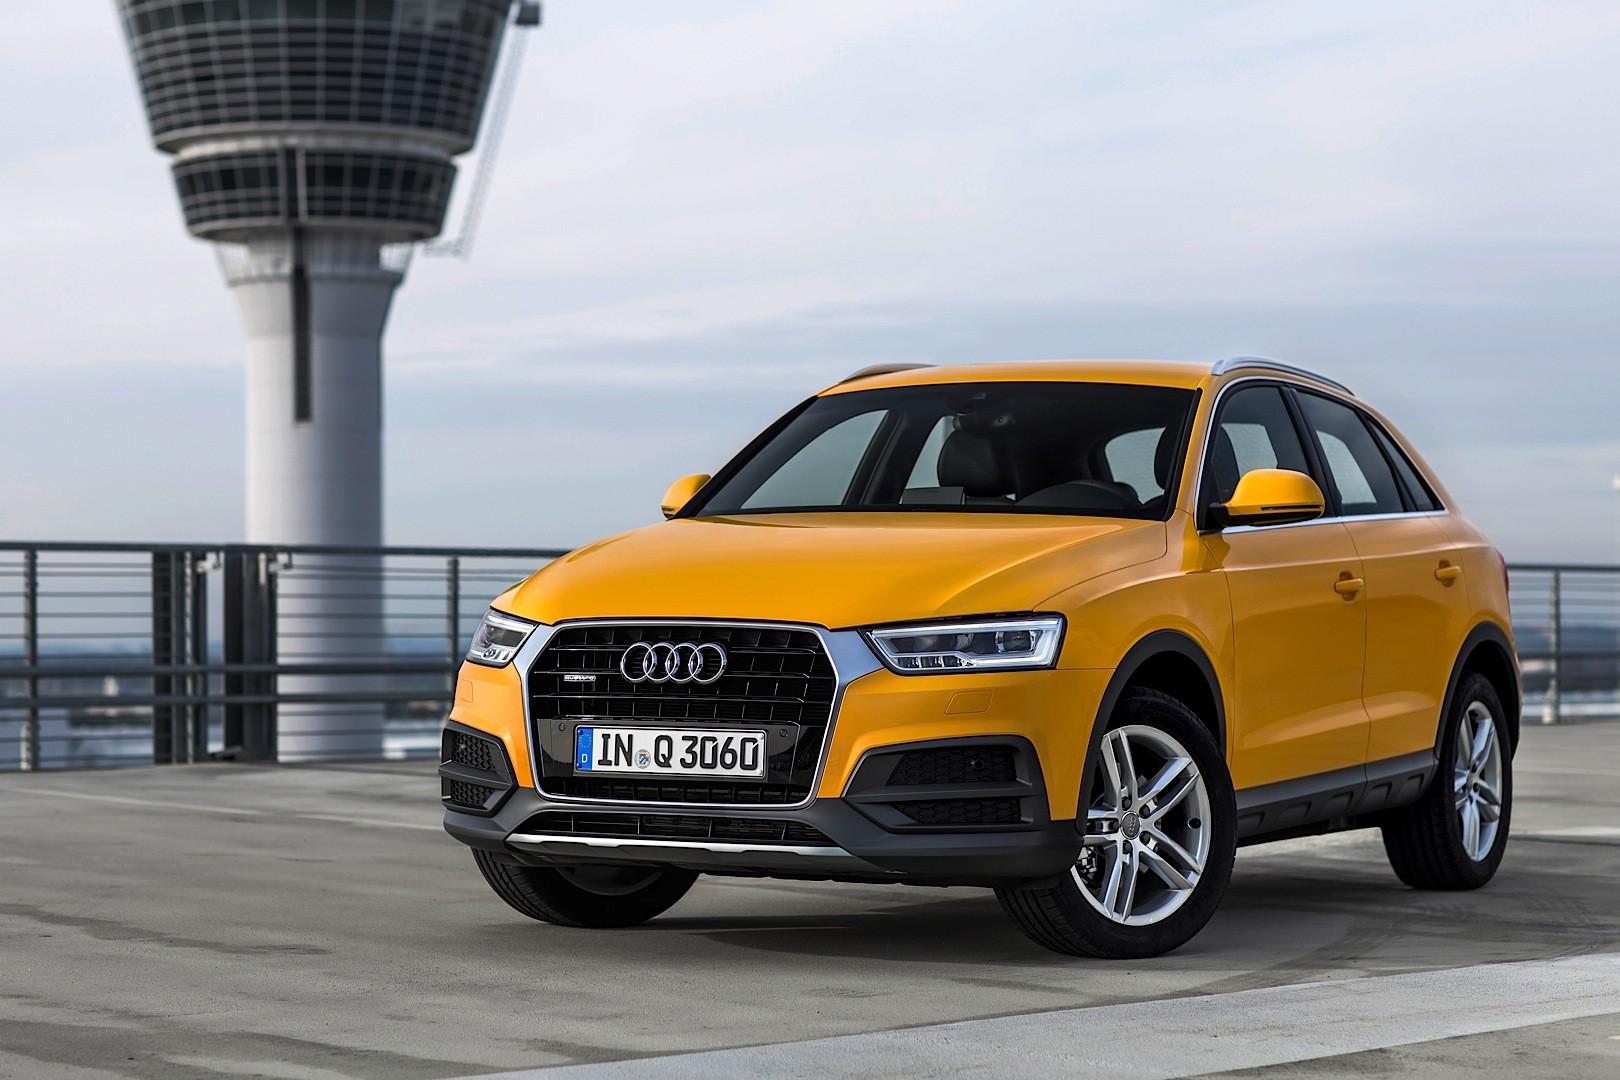 Audi Q Price Increases To Due To Facelift Updates - Audi car q3 price in india